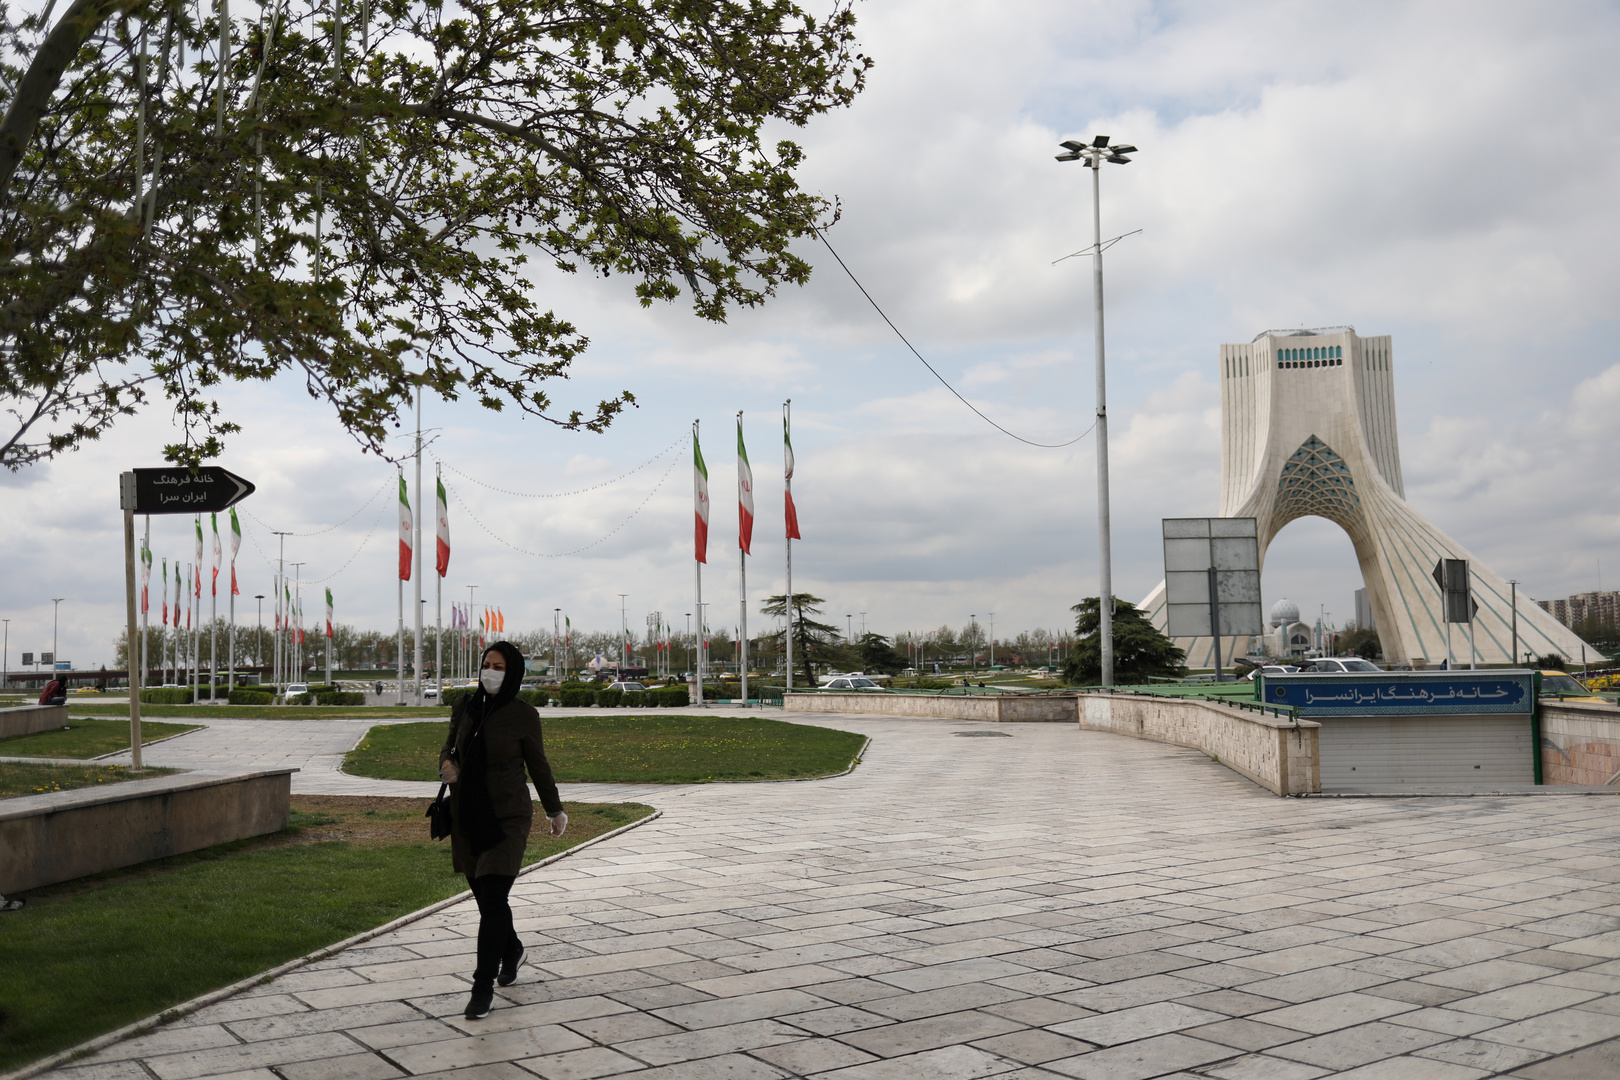 فرنسا وألمانيا تدينان إعدام صحفي إيراني معارض وتذكران طهران بالتزاماتها الدولية